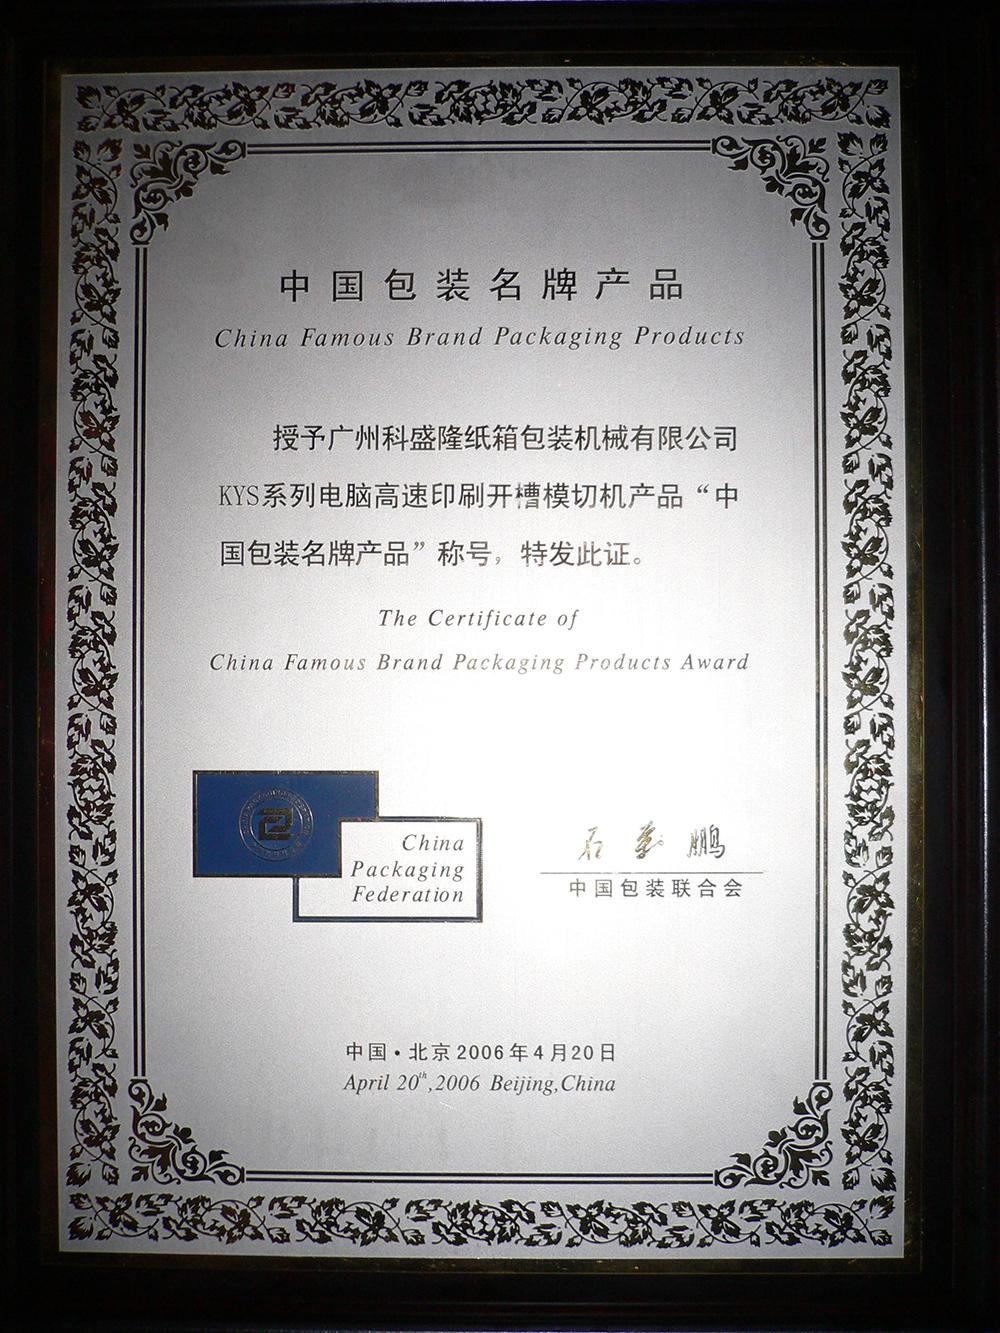 2006中國包裝名牌產品